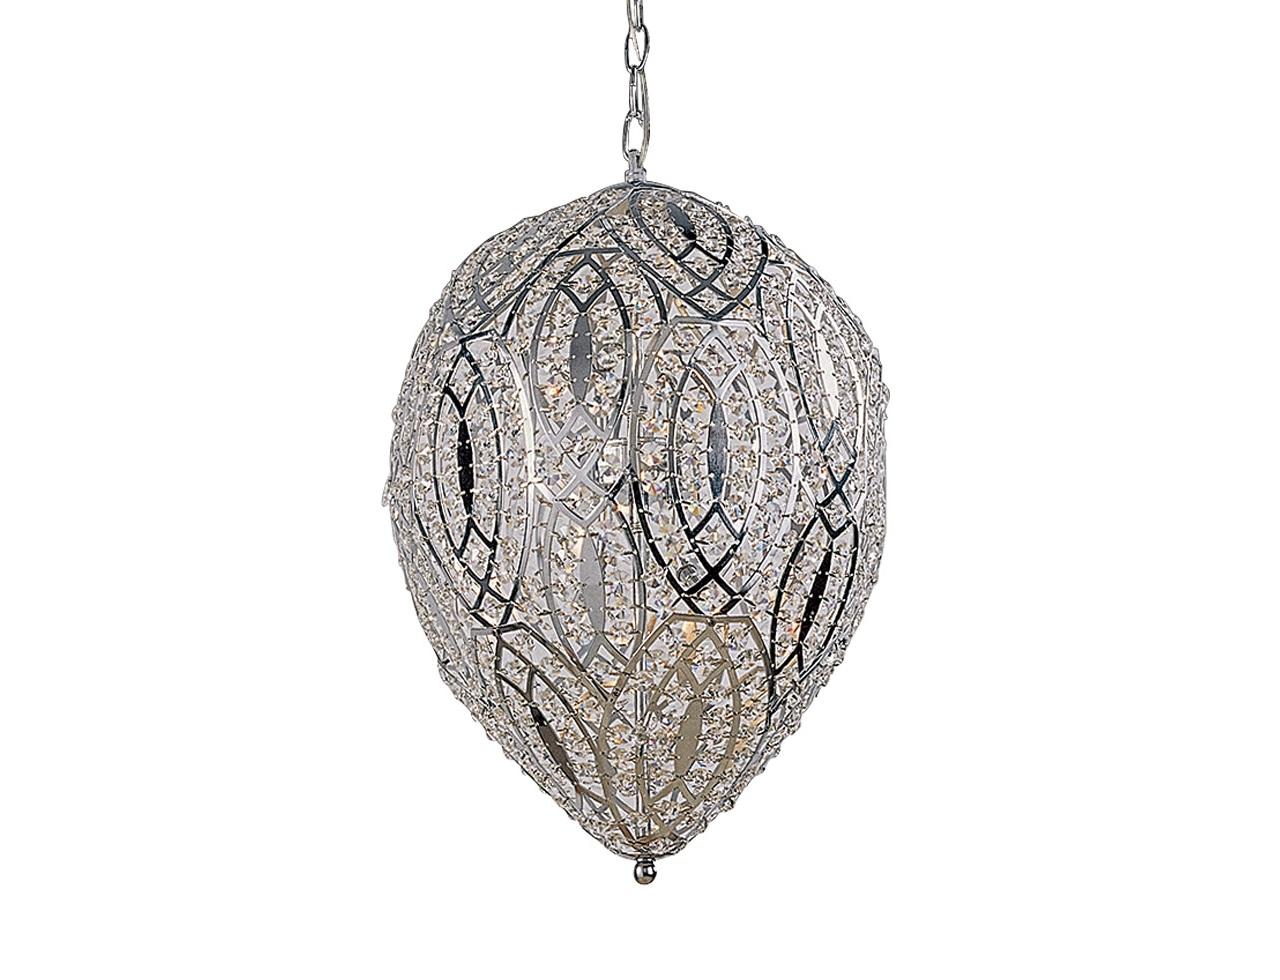 Подвесной светильник Oprah ChandelierПодвесные светильники<br>&amp;quot;Oprah Chandelier&amp;quot; ? роскошь в ее самом чистом исполнении. Эта люстра, в которой доминируют плавные формы, отличается элегантностью и изяществом. Металл и стекло, использованные в конструкции, делают ее облик &amp;amp;nbsp;шикарным. Отражаясь в многочисленных гранях кристаллов, свет начинает играть с вами в игру, из которой он всегда выходит победителем. Отследить движение всех бликов невозможно ? остается лишь наслаждаться их красотой, поддерживаемой великолепием французского дизайна.&amp;lt;div&amp;gt;&amp;lt;br&amp;gt;&amp;lt;/div&amp;gt;&amp;lt;div&amp;gt;Подвесной светильник выполнен из металла стального цвета.&amp;lt;/div&amp;gt;&amp;lt;div&amp;gt;Плафон с оригинальным орнаментом.&amp;lt;/div&amp;gt;&amp;lt;div&amp;gt;Высота светильника регулируется за счет звеньев цепи.&amp;lt;/div&amp;gt;&amp;lt;div&amp;gt;Цоколь: G9 (галогенные лампы)&amp;lt;/div&amp;gt;&amp;lt;div&amp;gt;Мощность: 40W&amp;lt;/div&amp;gt;&amp;lt;div&amp;gt;Количество ламп: 6&amp;lt;/div&amp;gt;&amp;lt;div&amp;gt;Лампы входят в комплект&amp;lt;/div&amp;gt;<br><br>Material: Металл<br>Height см: 50<br>Diameter см: 38